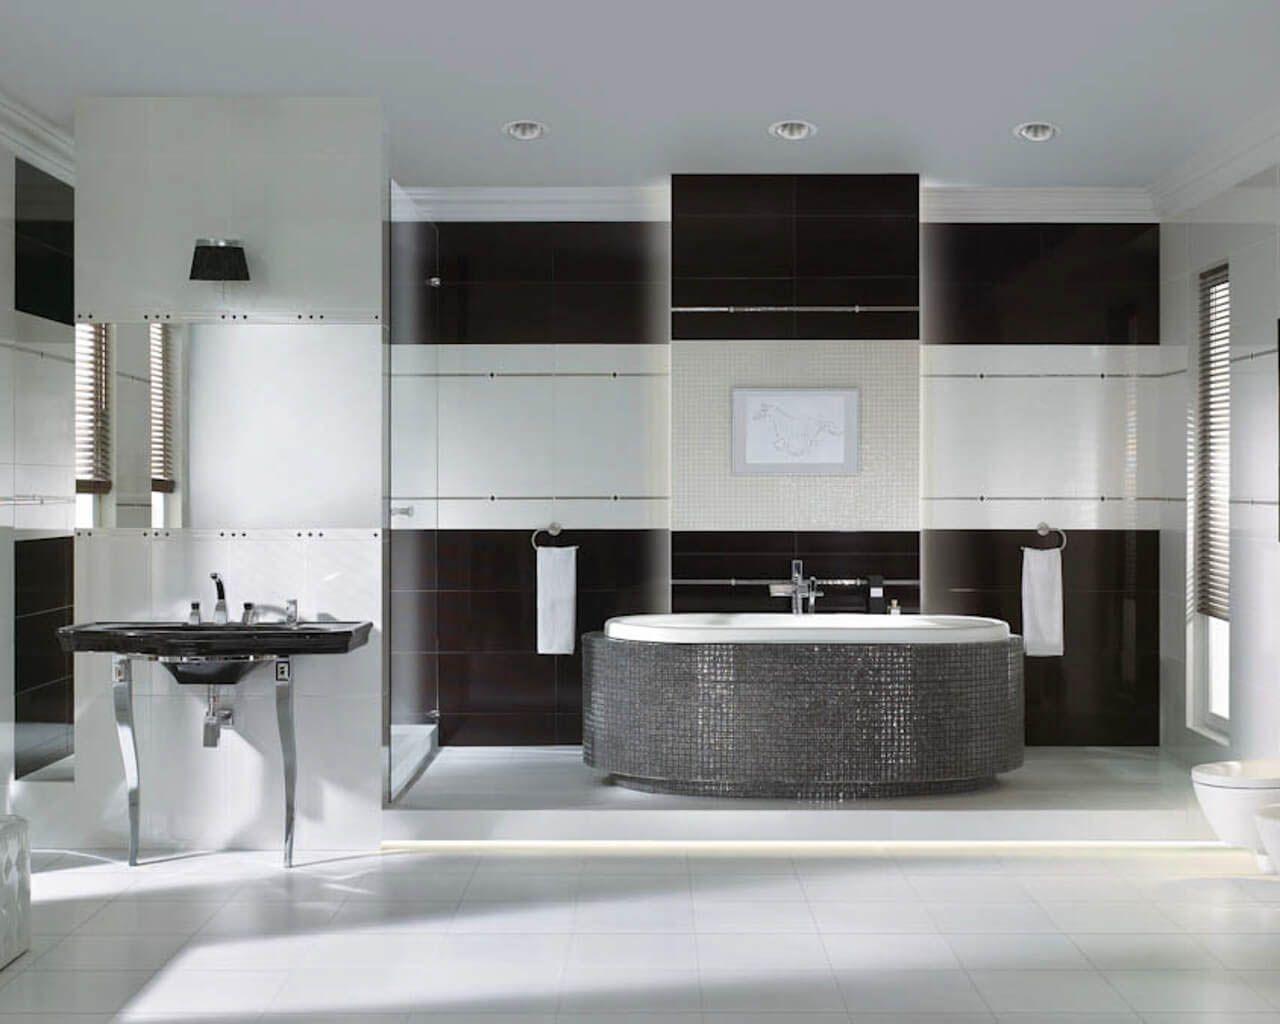 Czarno Biała Przestronna łazienka W Stylu Glamour Ceramika